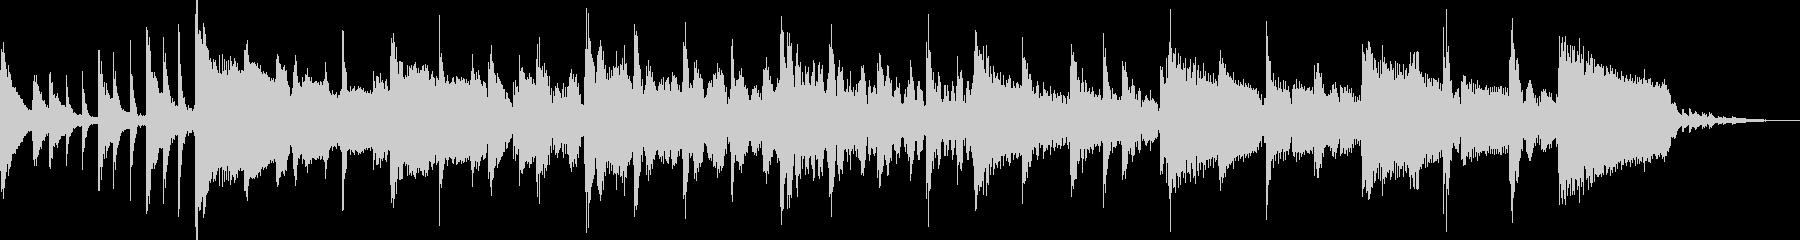 チープサウウンド GAMEイントロの未再生の波形